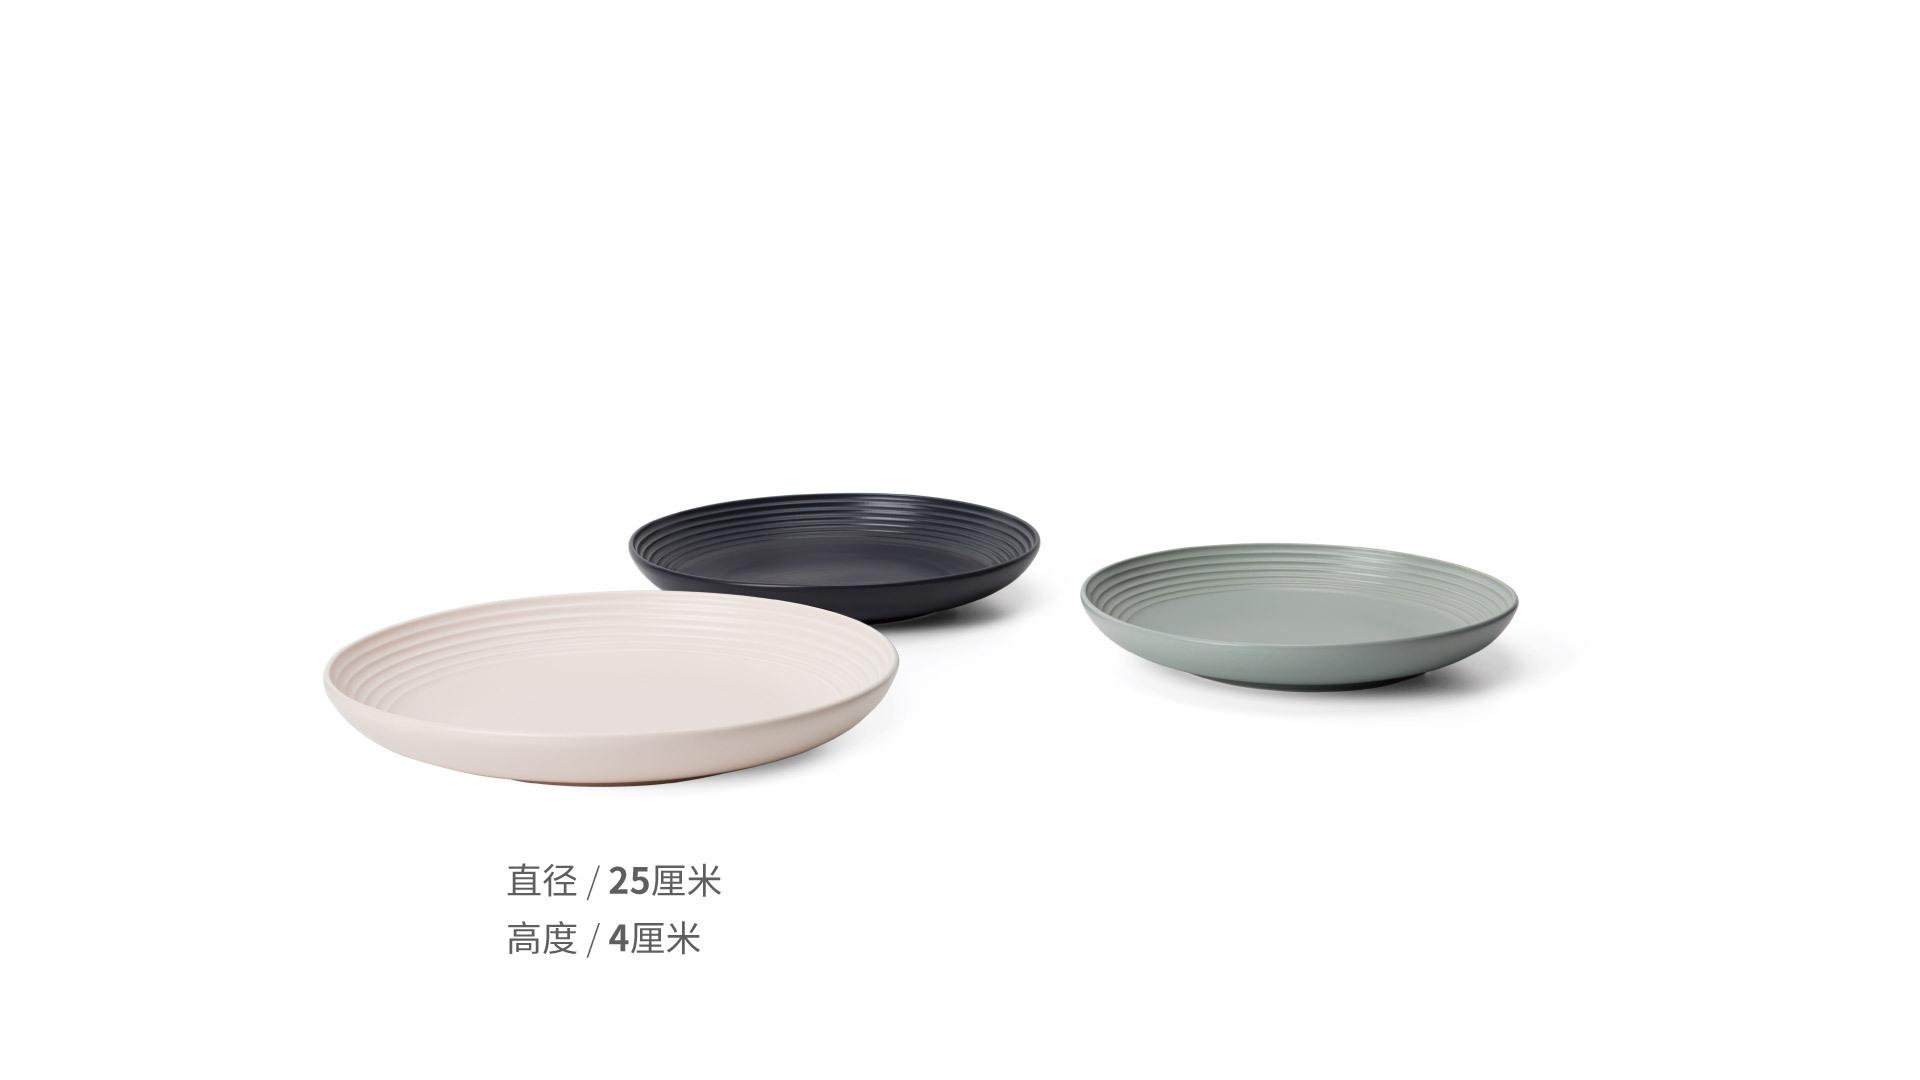 折简浸釉餐具组®-盘碗10寸圆盘套装餐具效果图